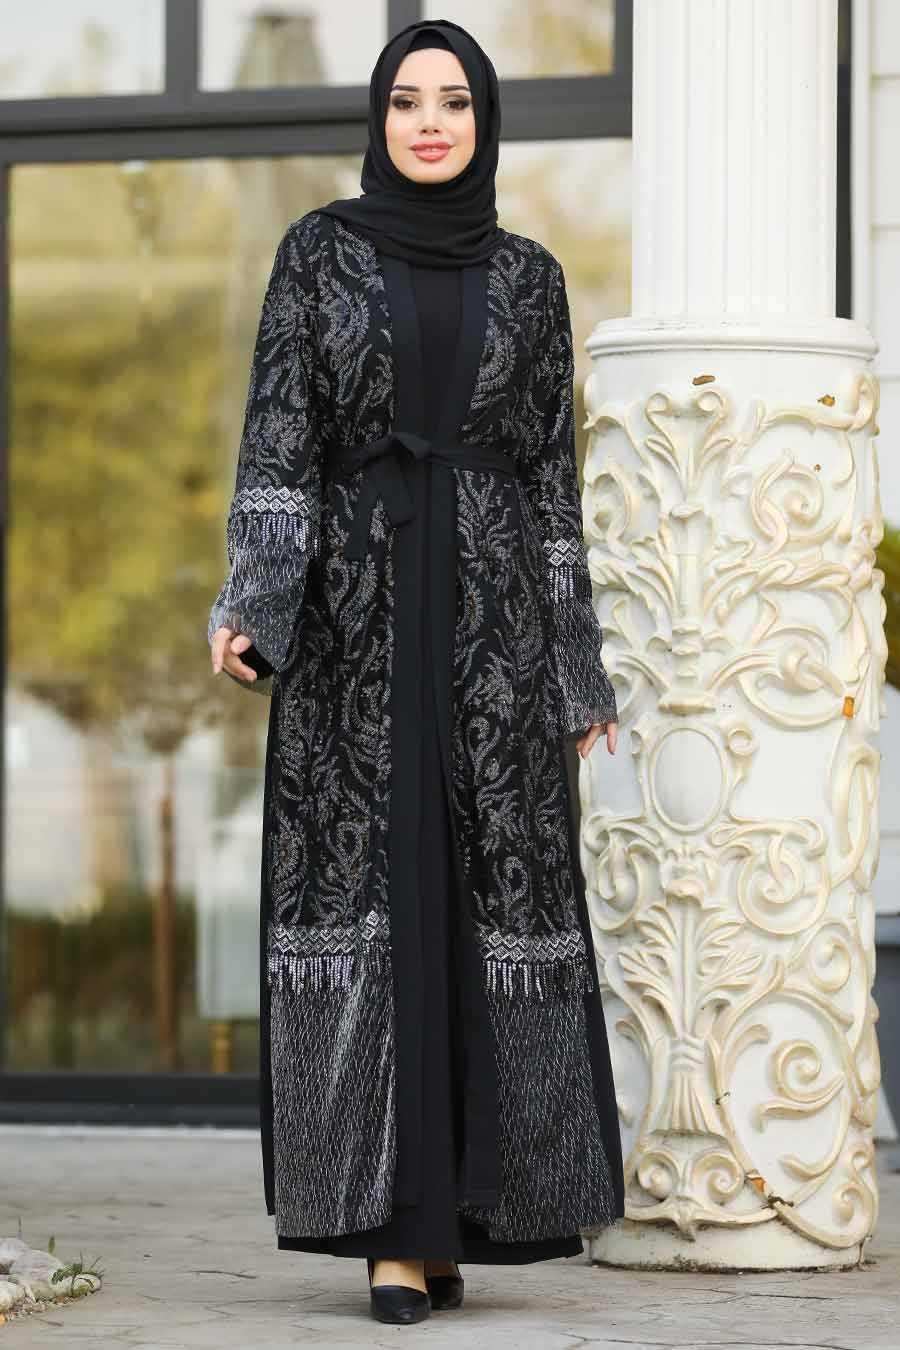 Nayla Collection Desenli Tesettür Abaya Modelleri